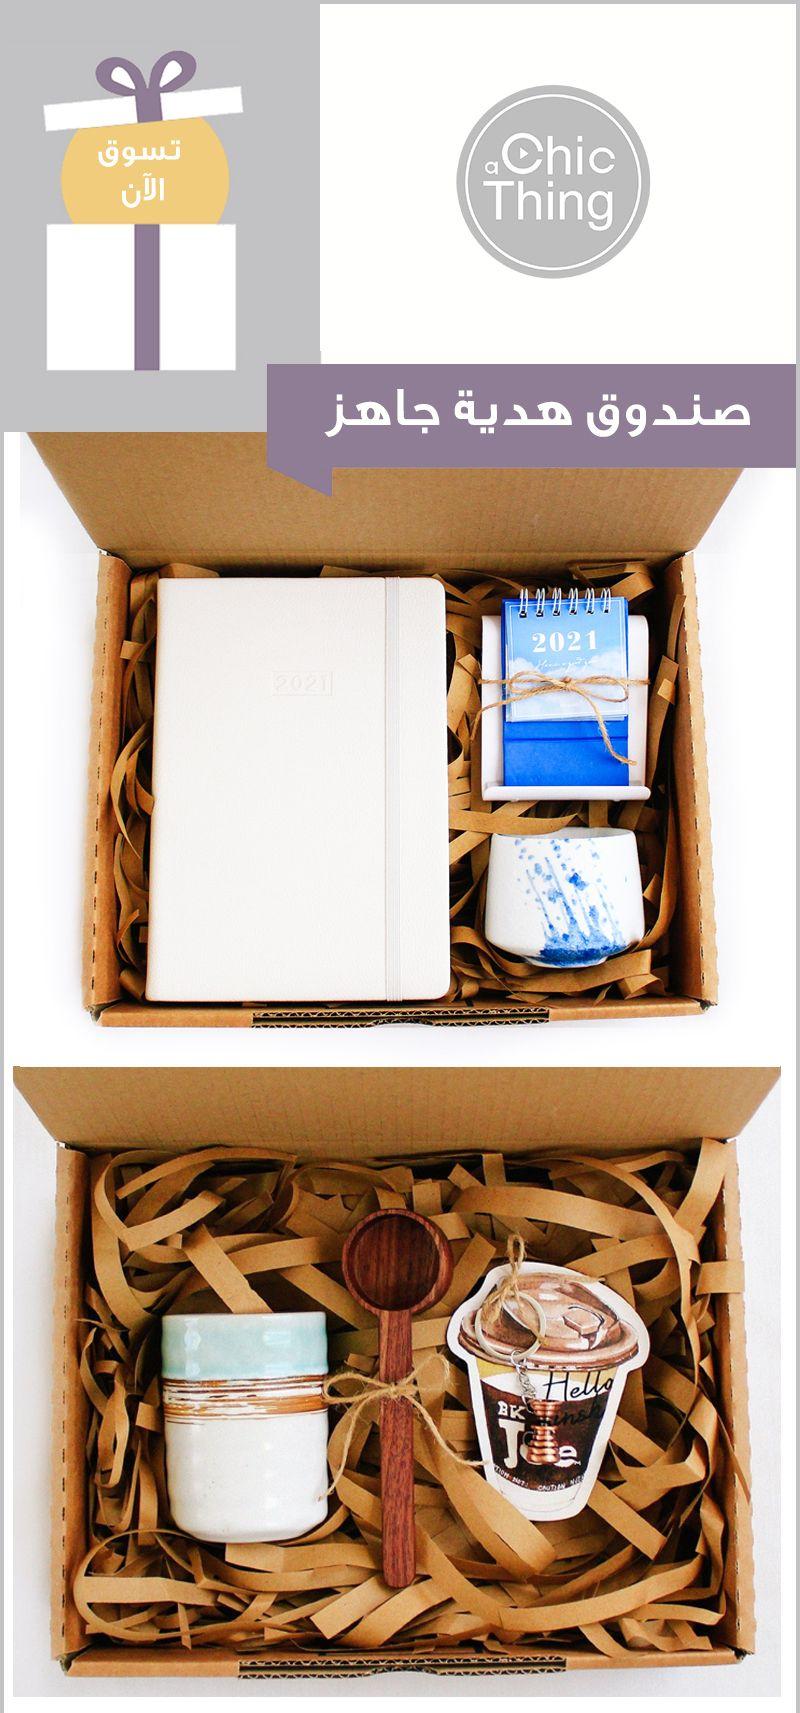 هدايا جاهزة متجر هدايا Decorative Boxes Decor Box